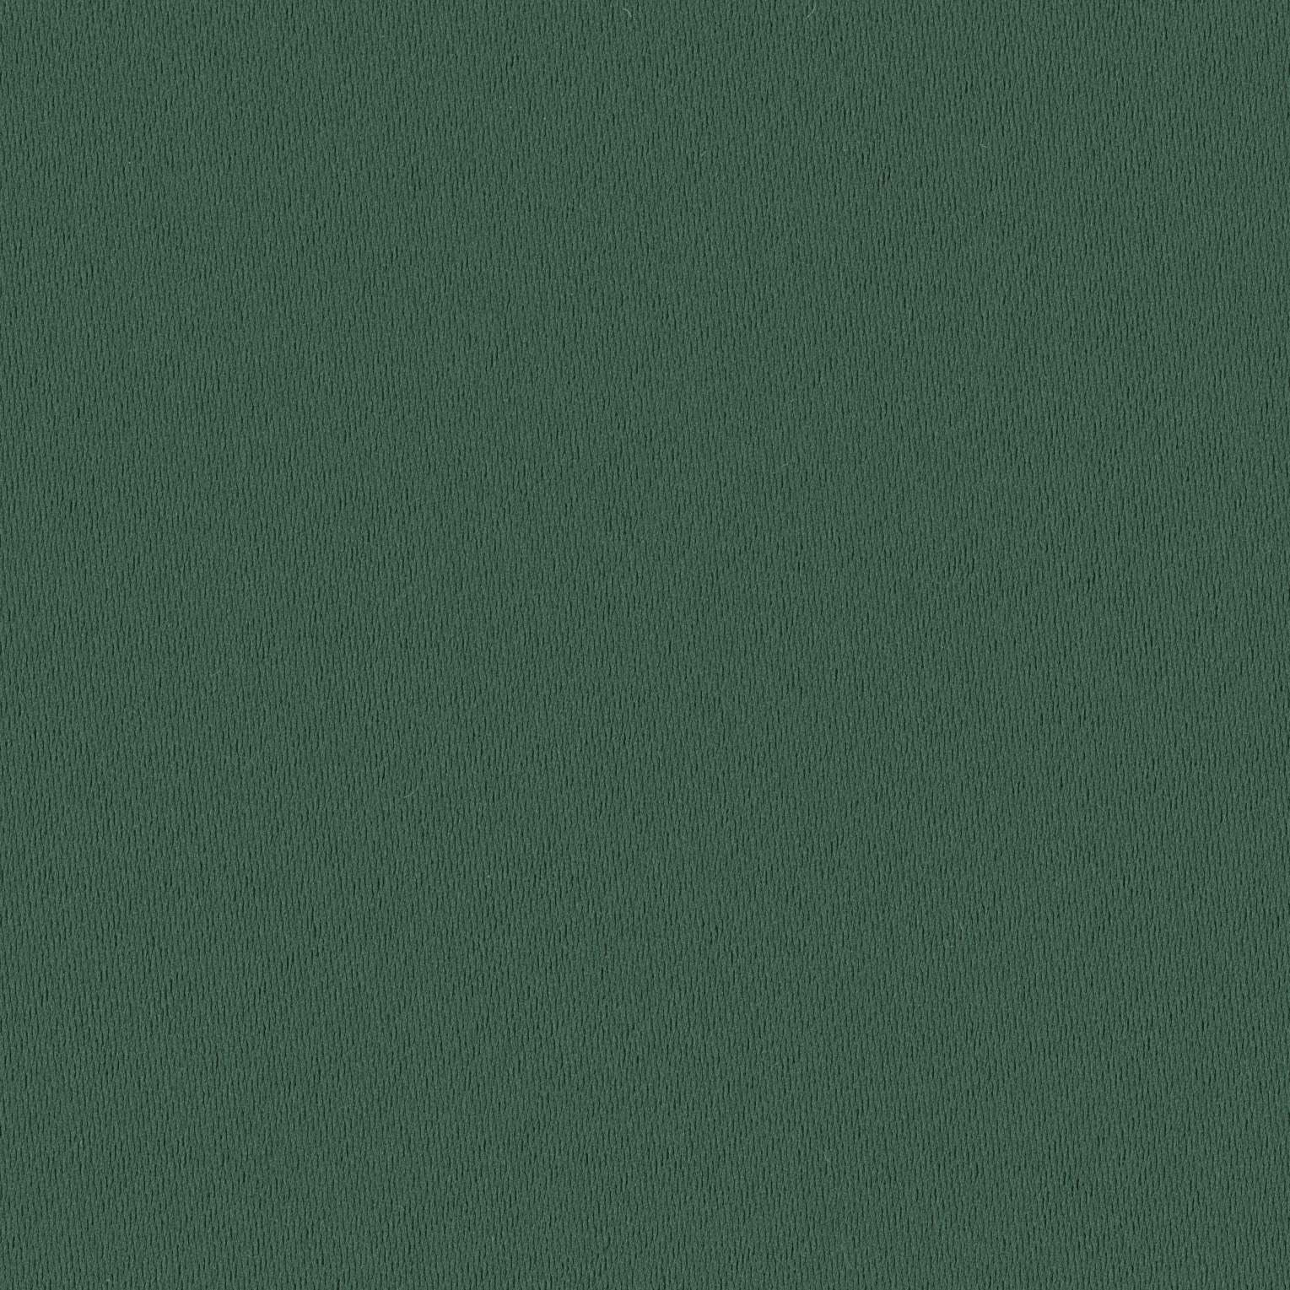 Blackout (pimentävä) 269-18 mallistosta Blackout (pimentävä), Kangas: 269-18